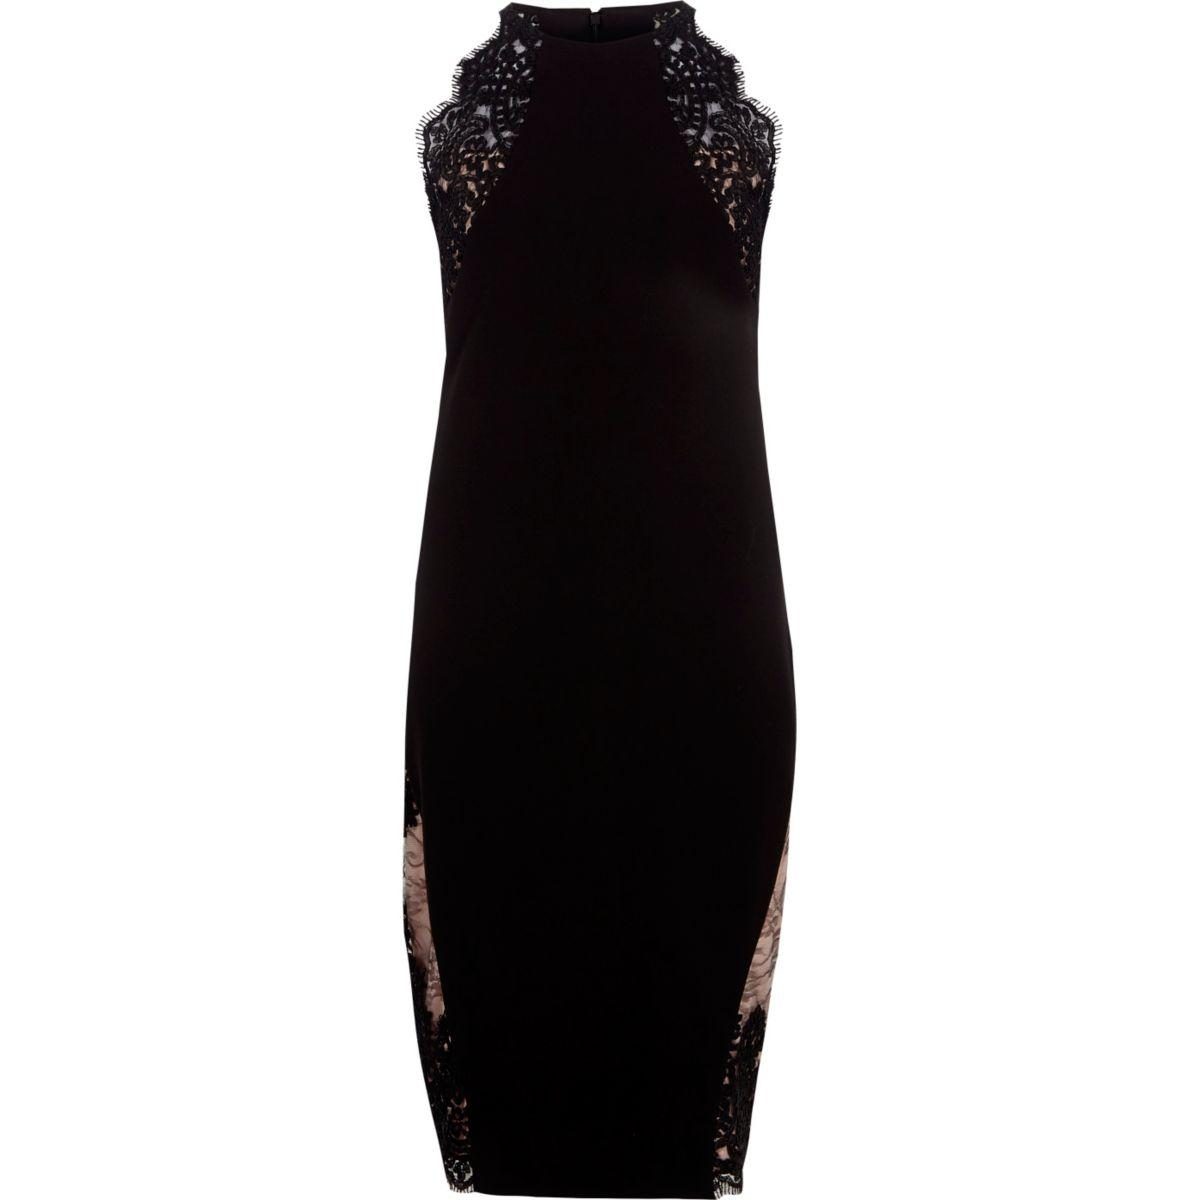 Black lace insert bodycon midi dress